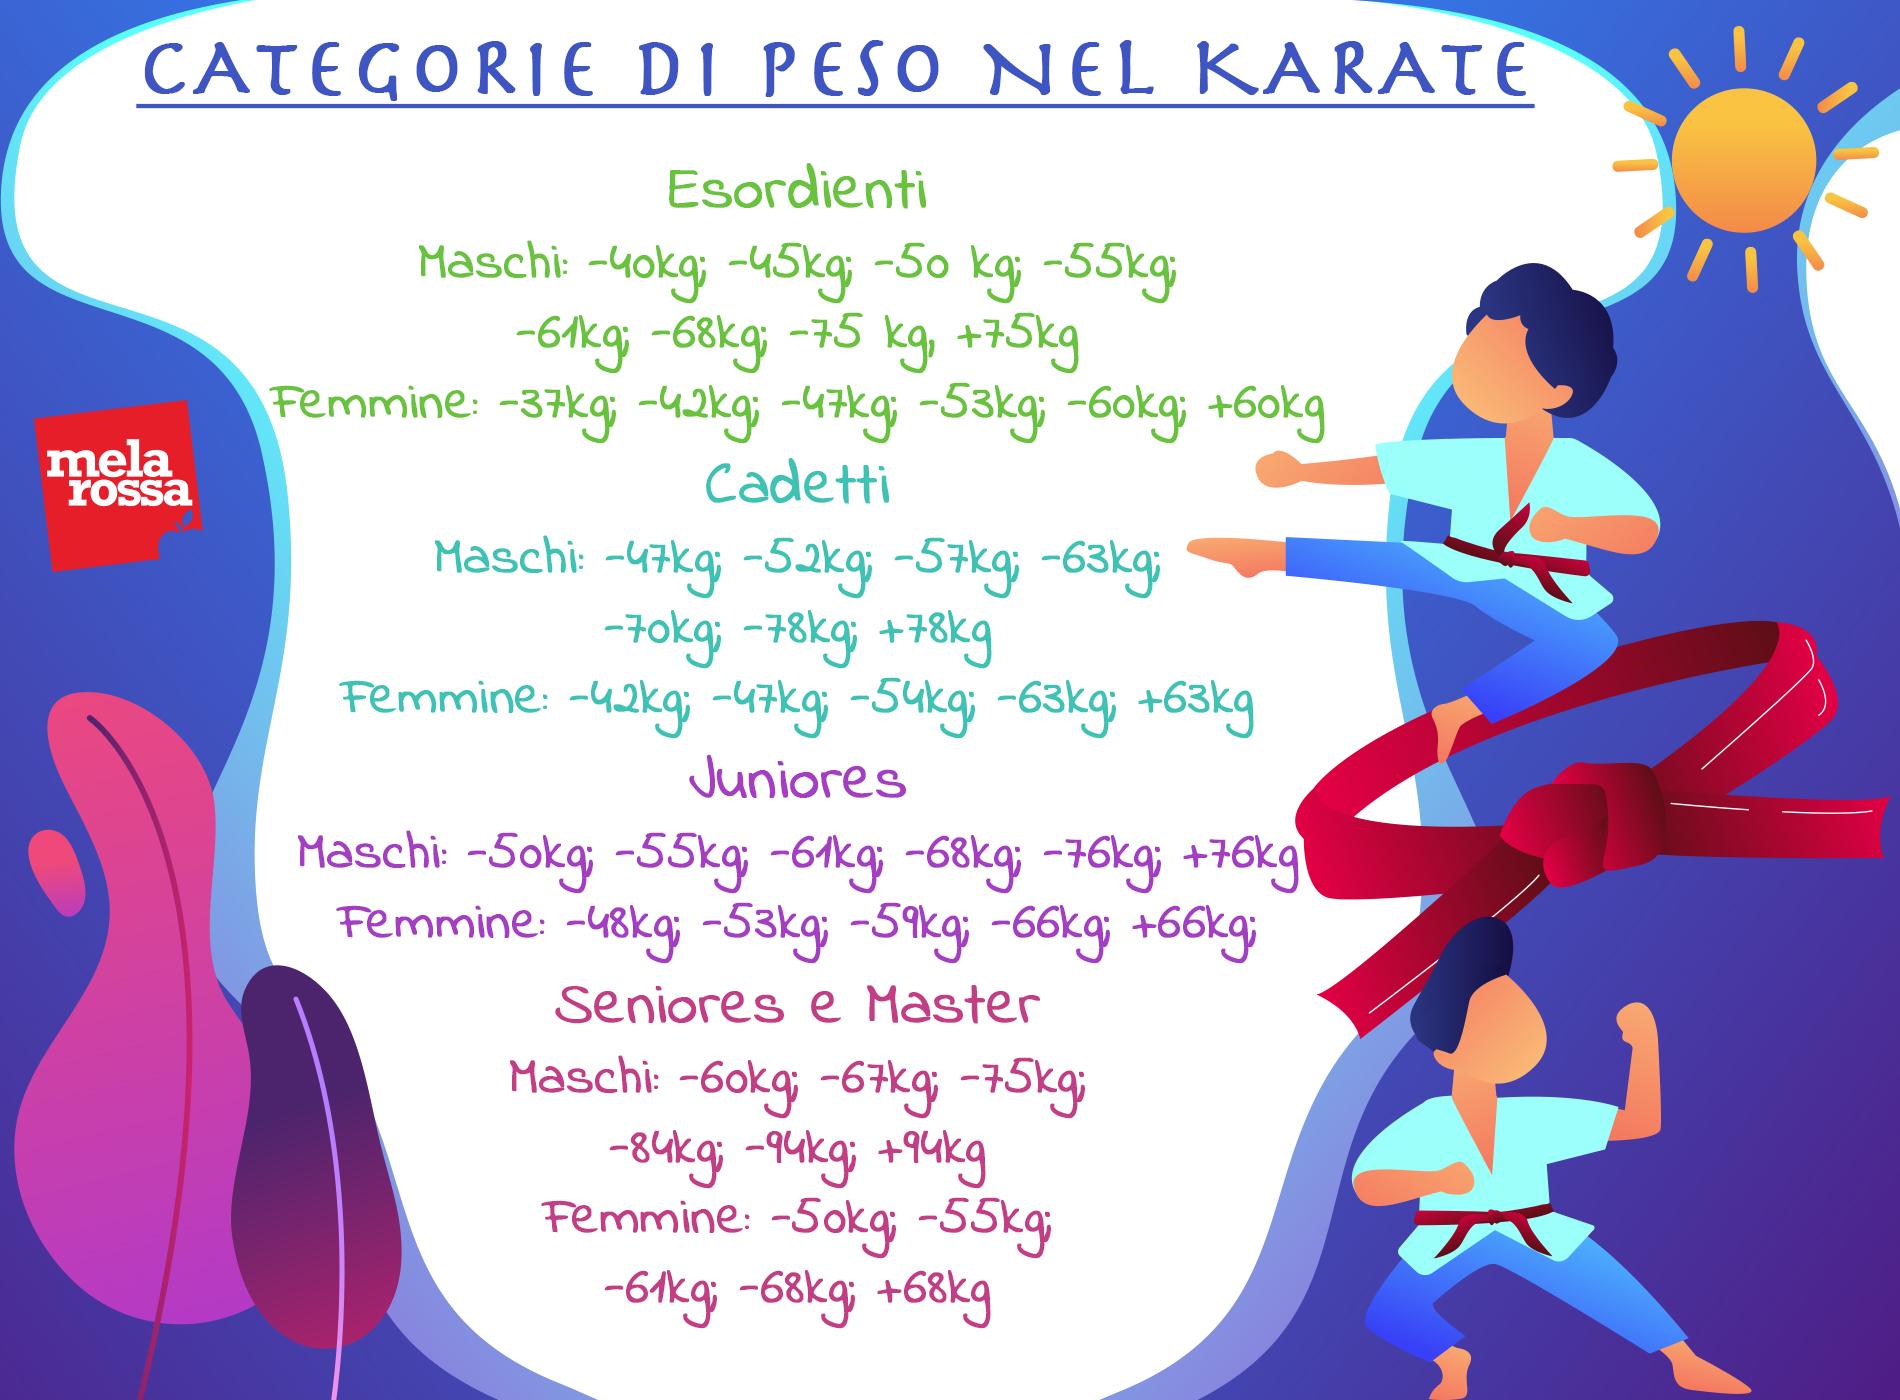 karate: categorie di peso